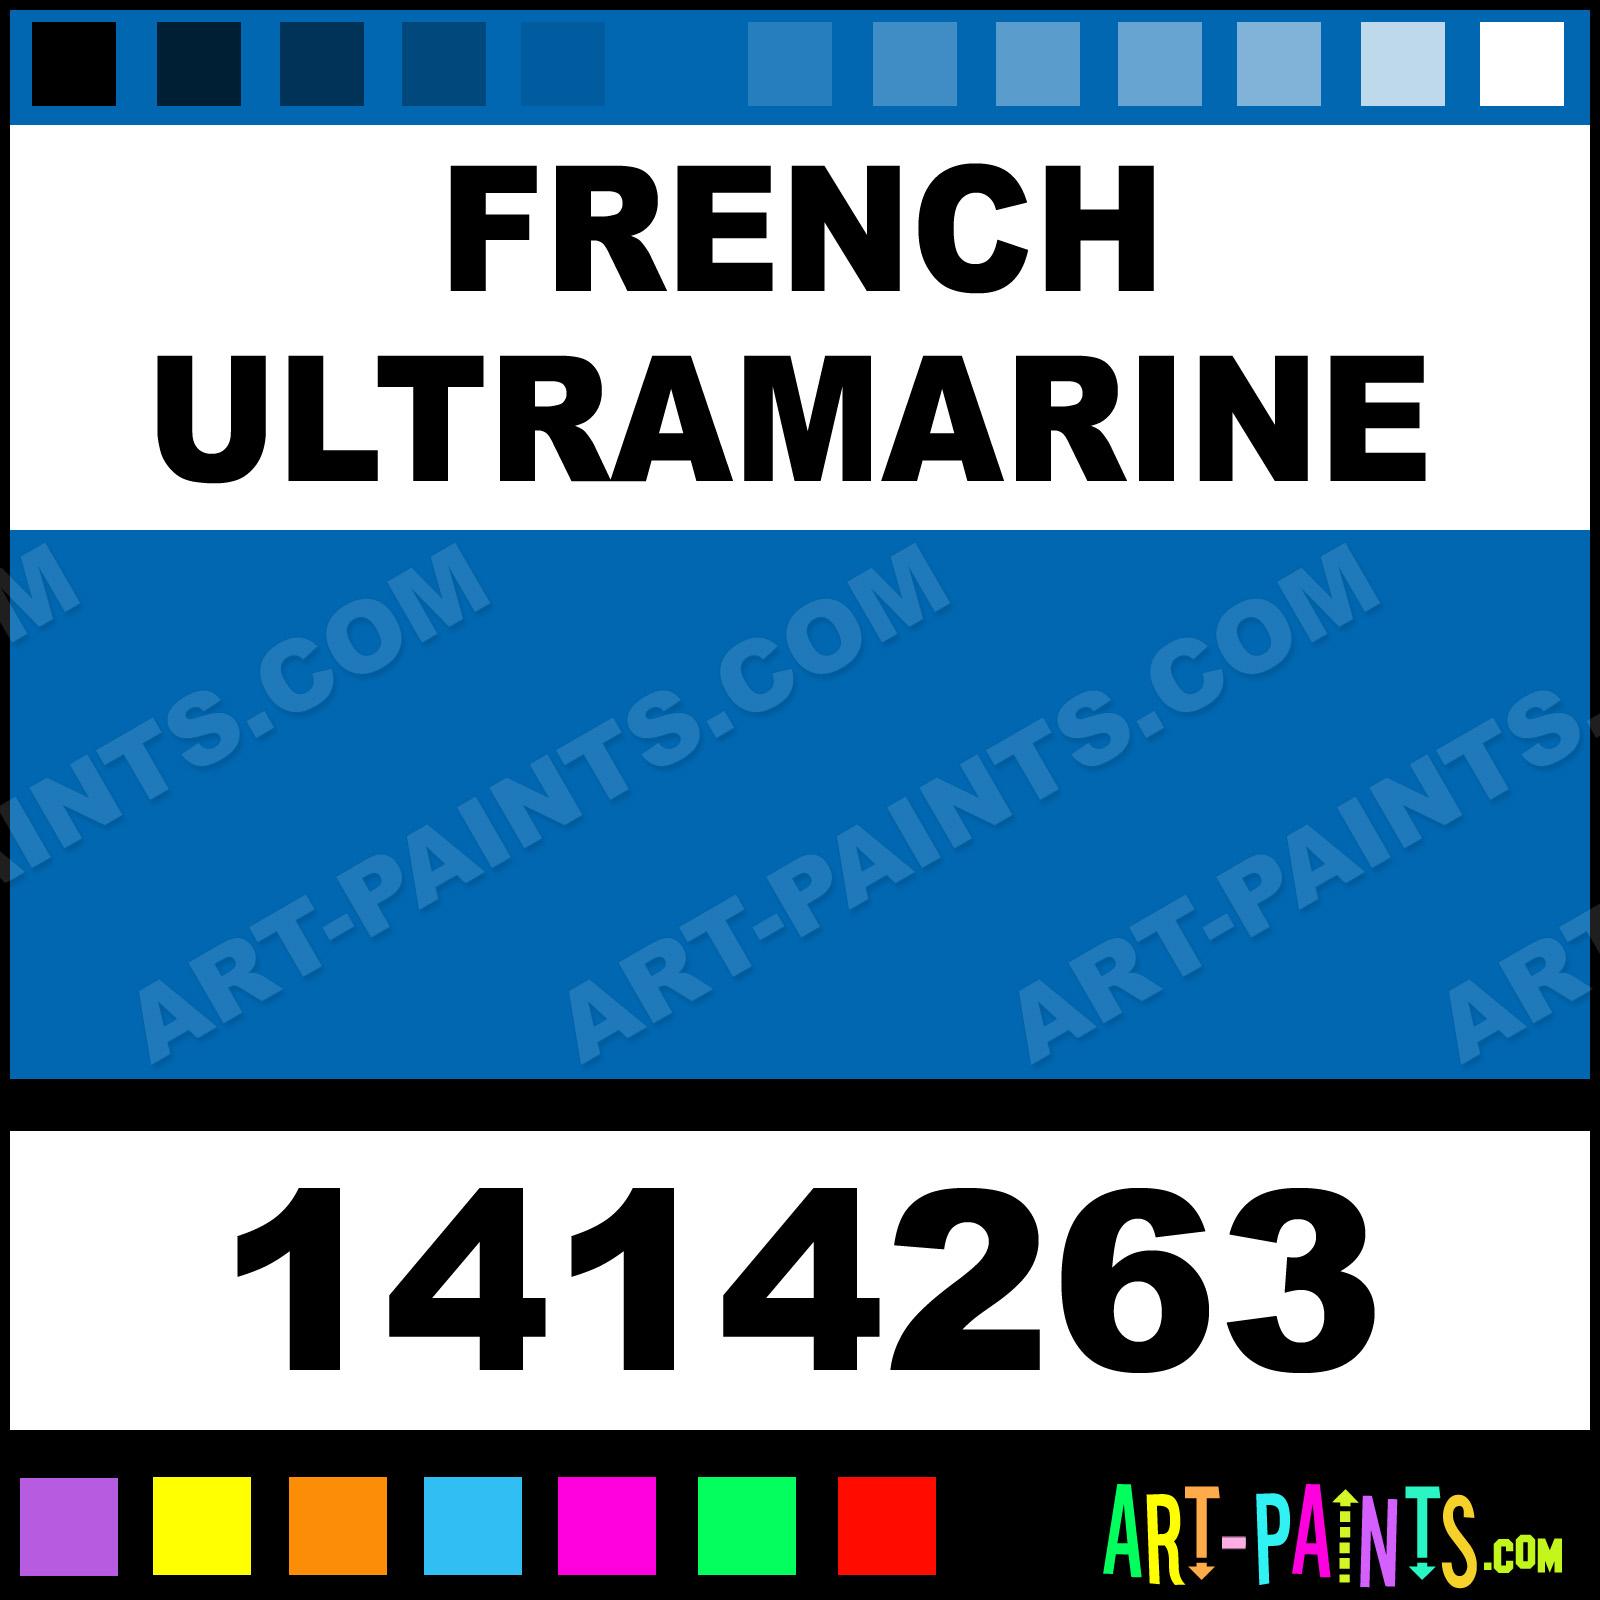 French Ultramarine Oil Colour Paints 1414263 Paint Color Winton 0066b1 Art